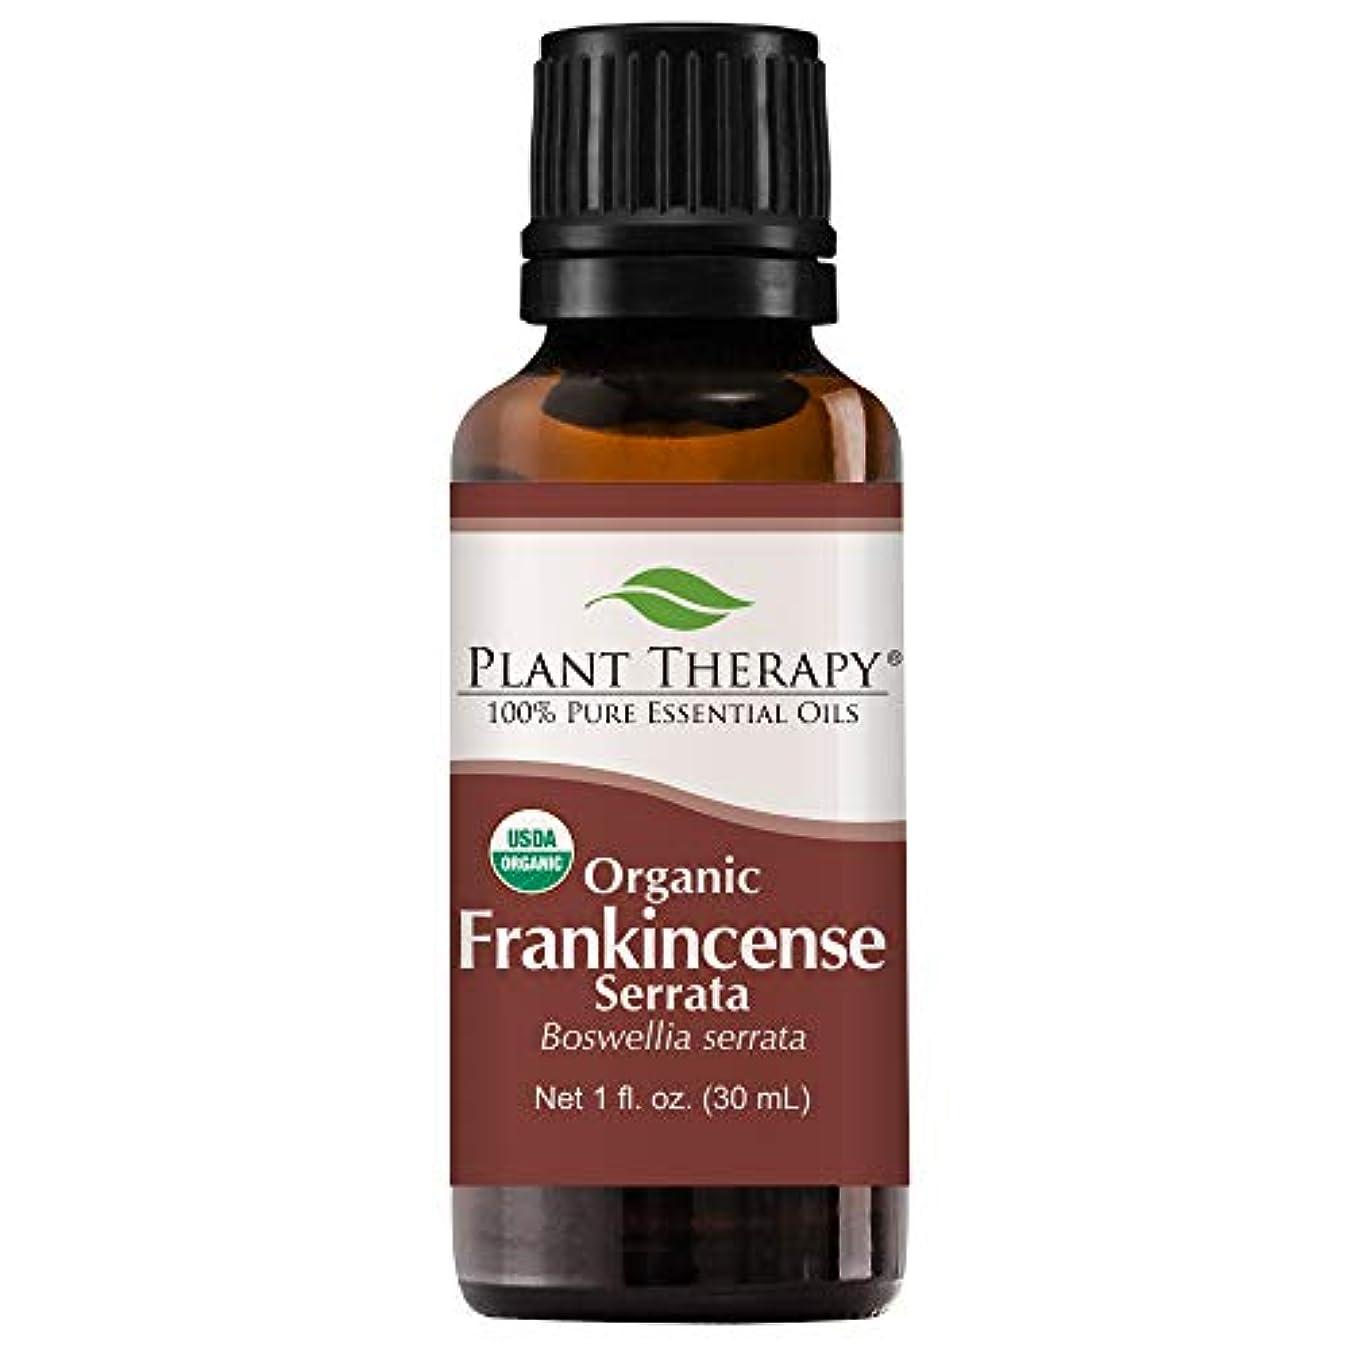 短くするコンチネンタルペルメル植物セラピーUSDA認定オーガニックフランキンセンスコナラエッセンシャルオイル。 30ミリリットル(1オンス)100%純粋な、希釈していない、治療グレード。